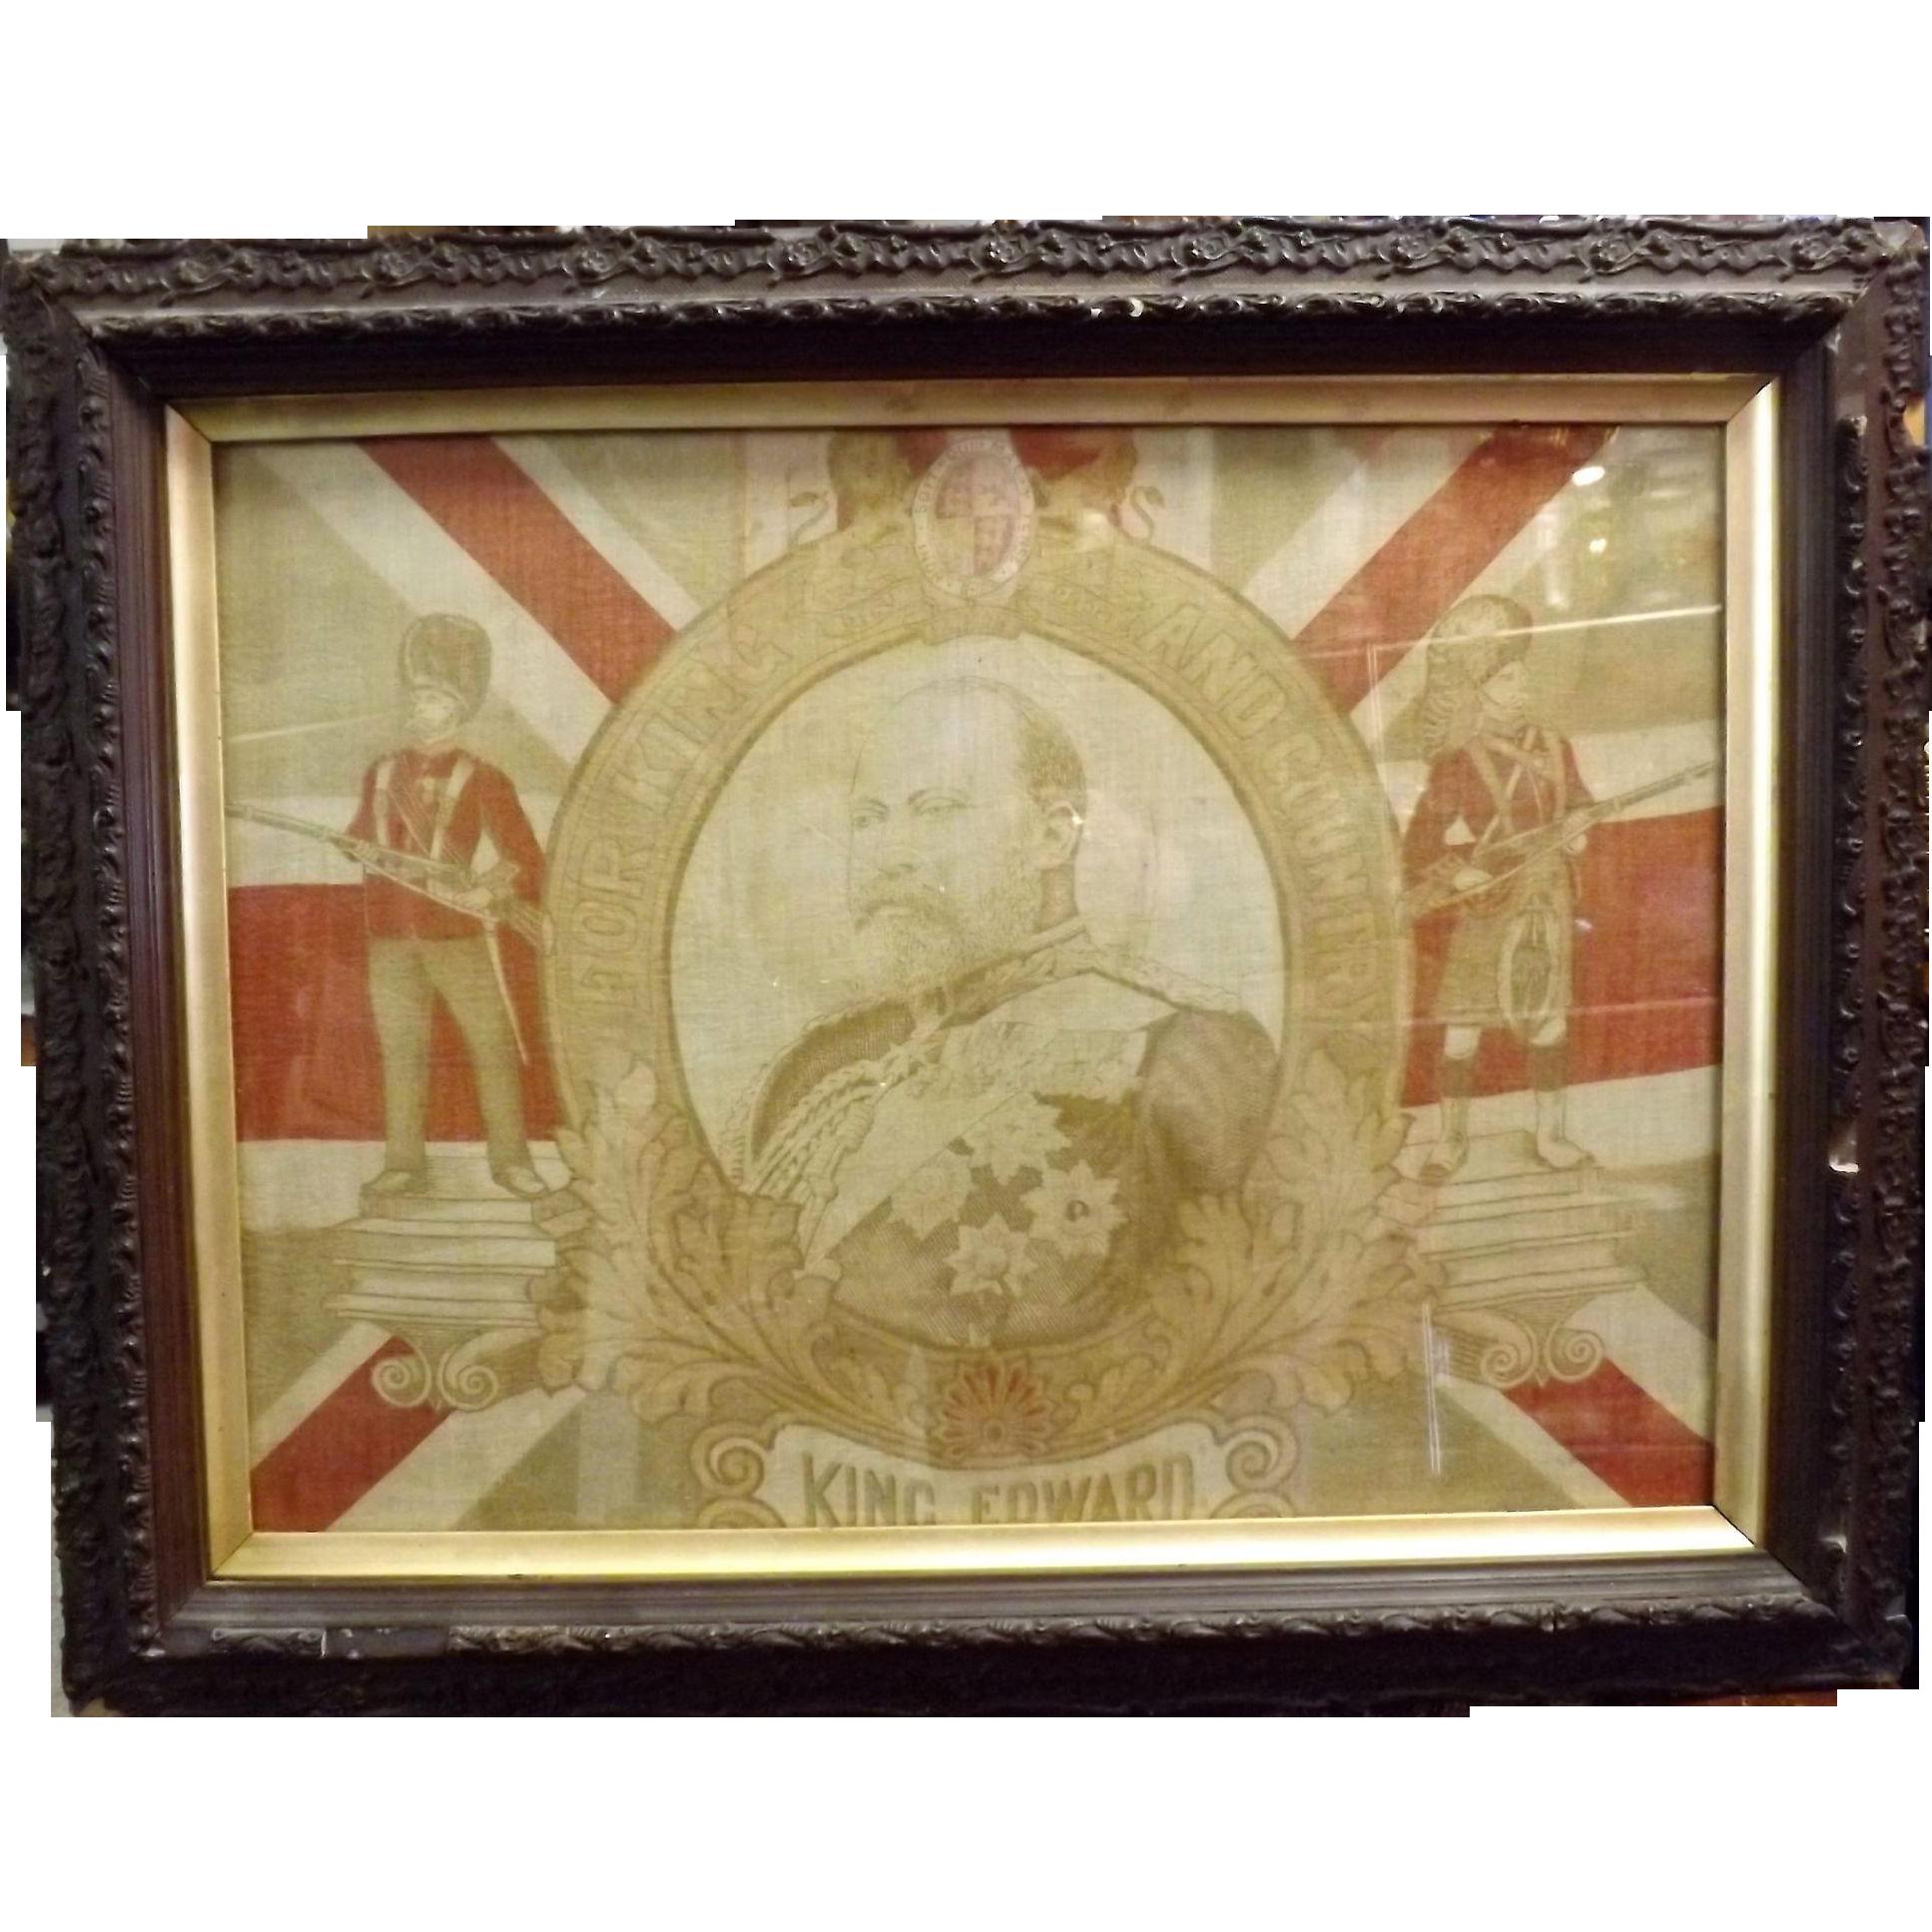 King Edward VII Framed Flag 1901